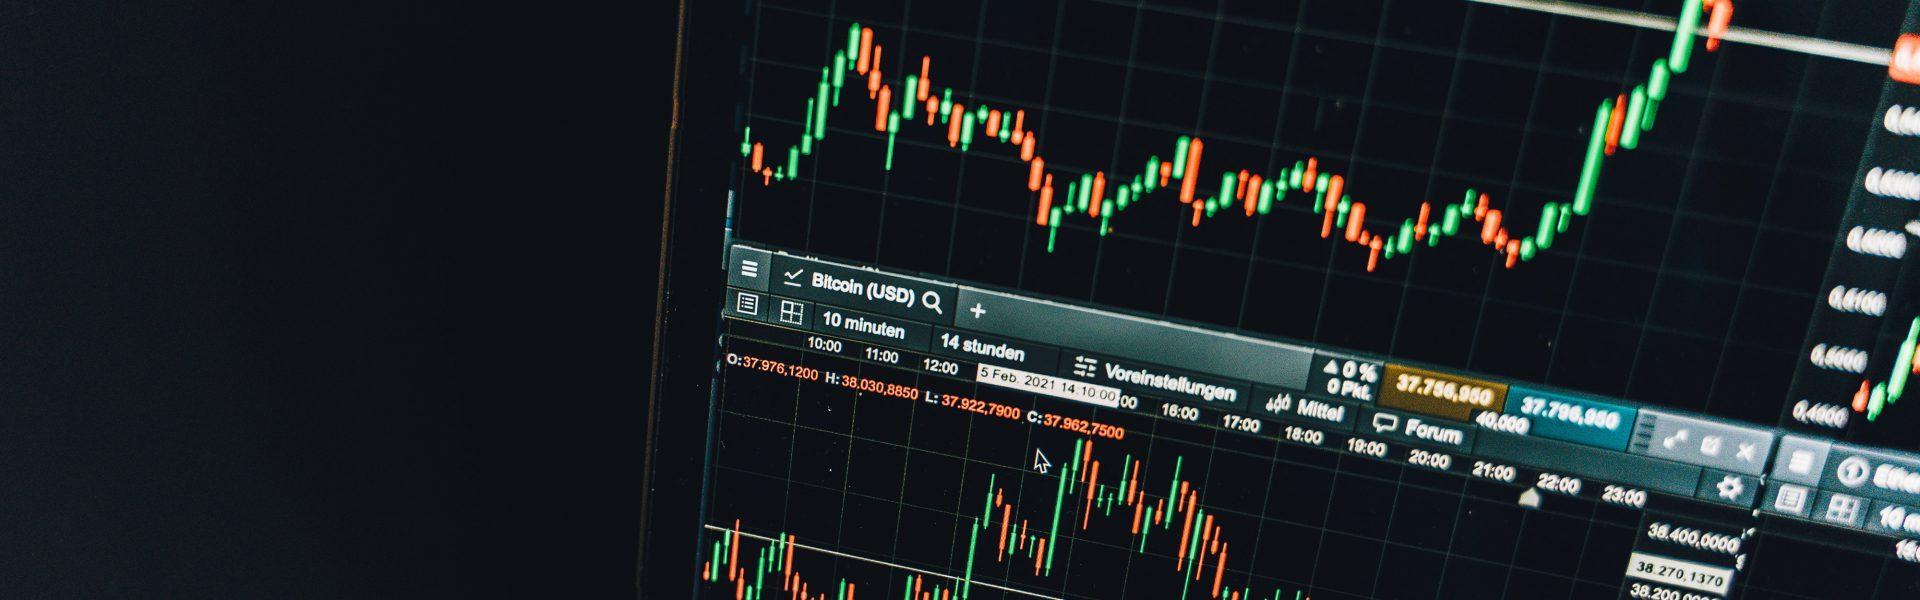 Gdzie inwestorzy indywidualni szukają porad